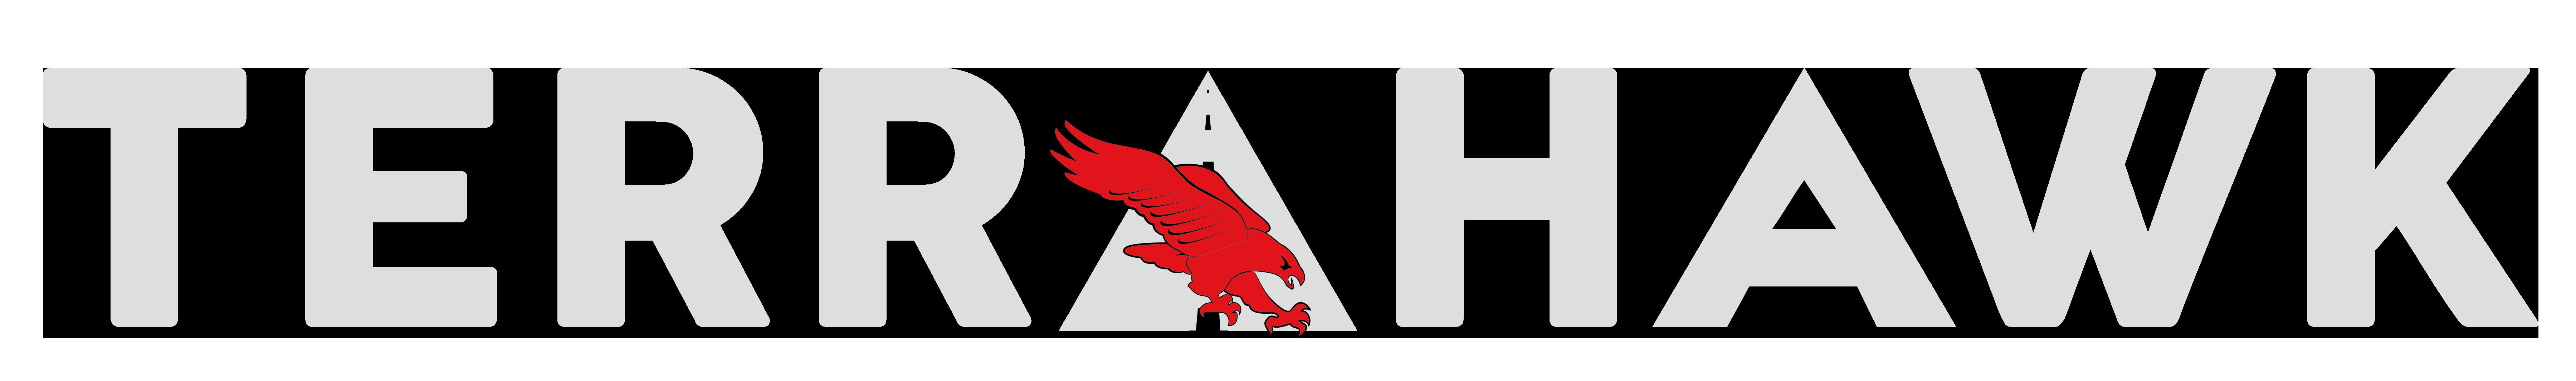 Terrahawk Civil Contractors